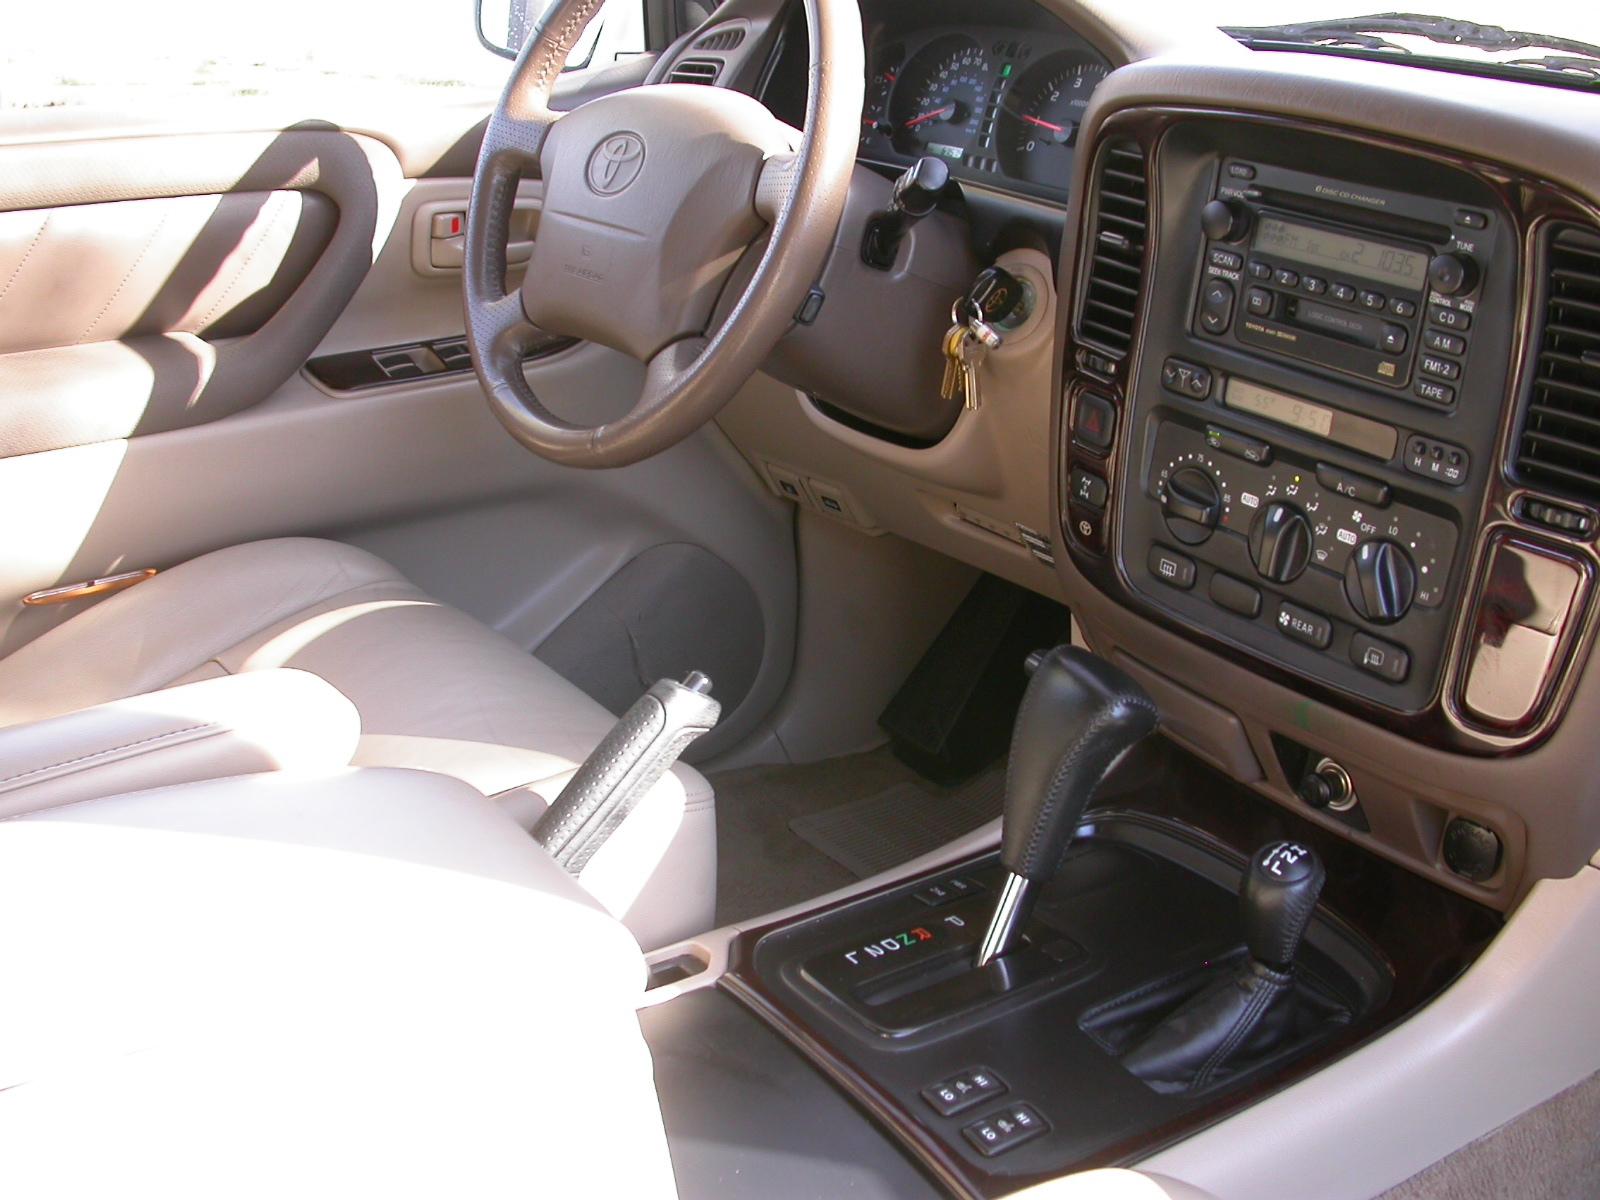 2000 Toyota Land Cruiser Pictures Cargurus